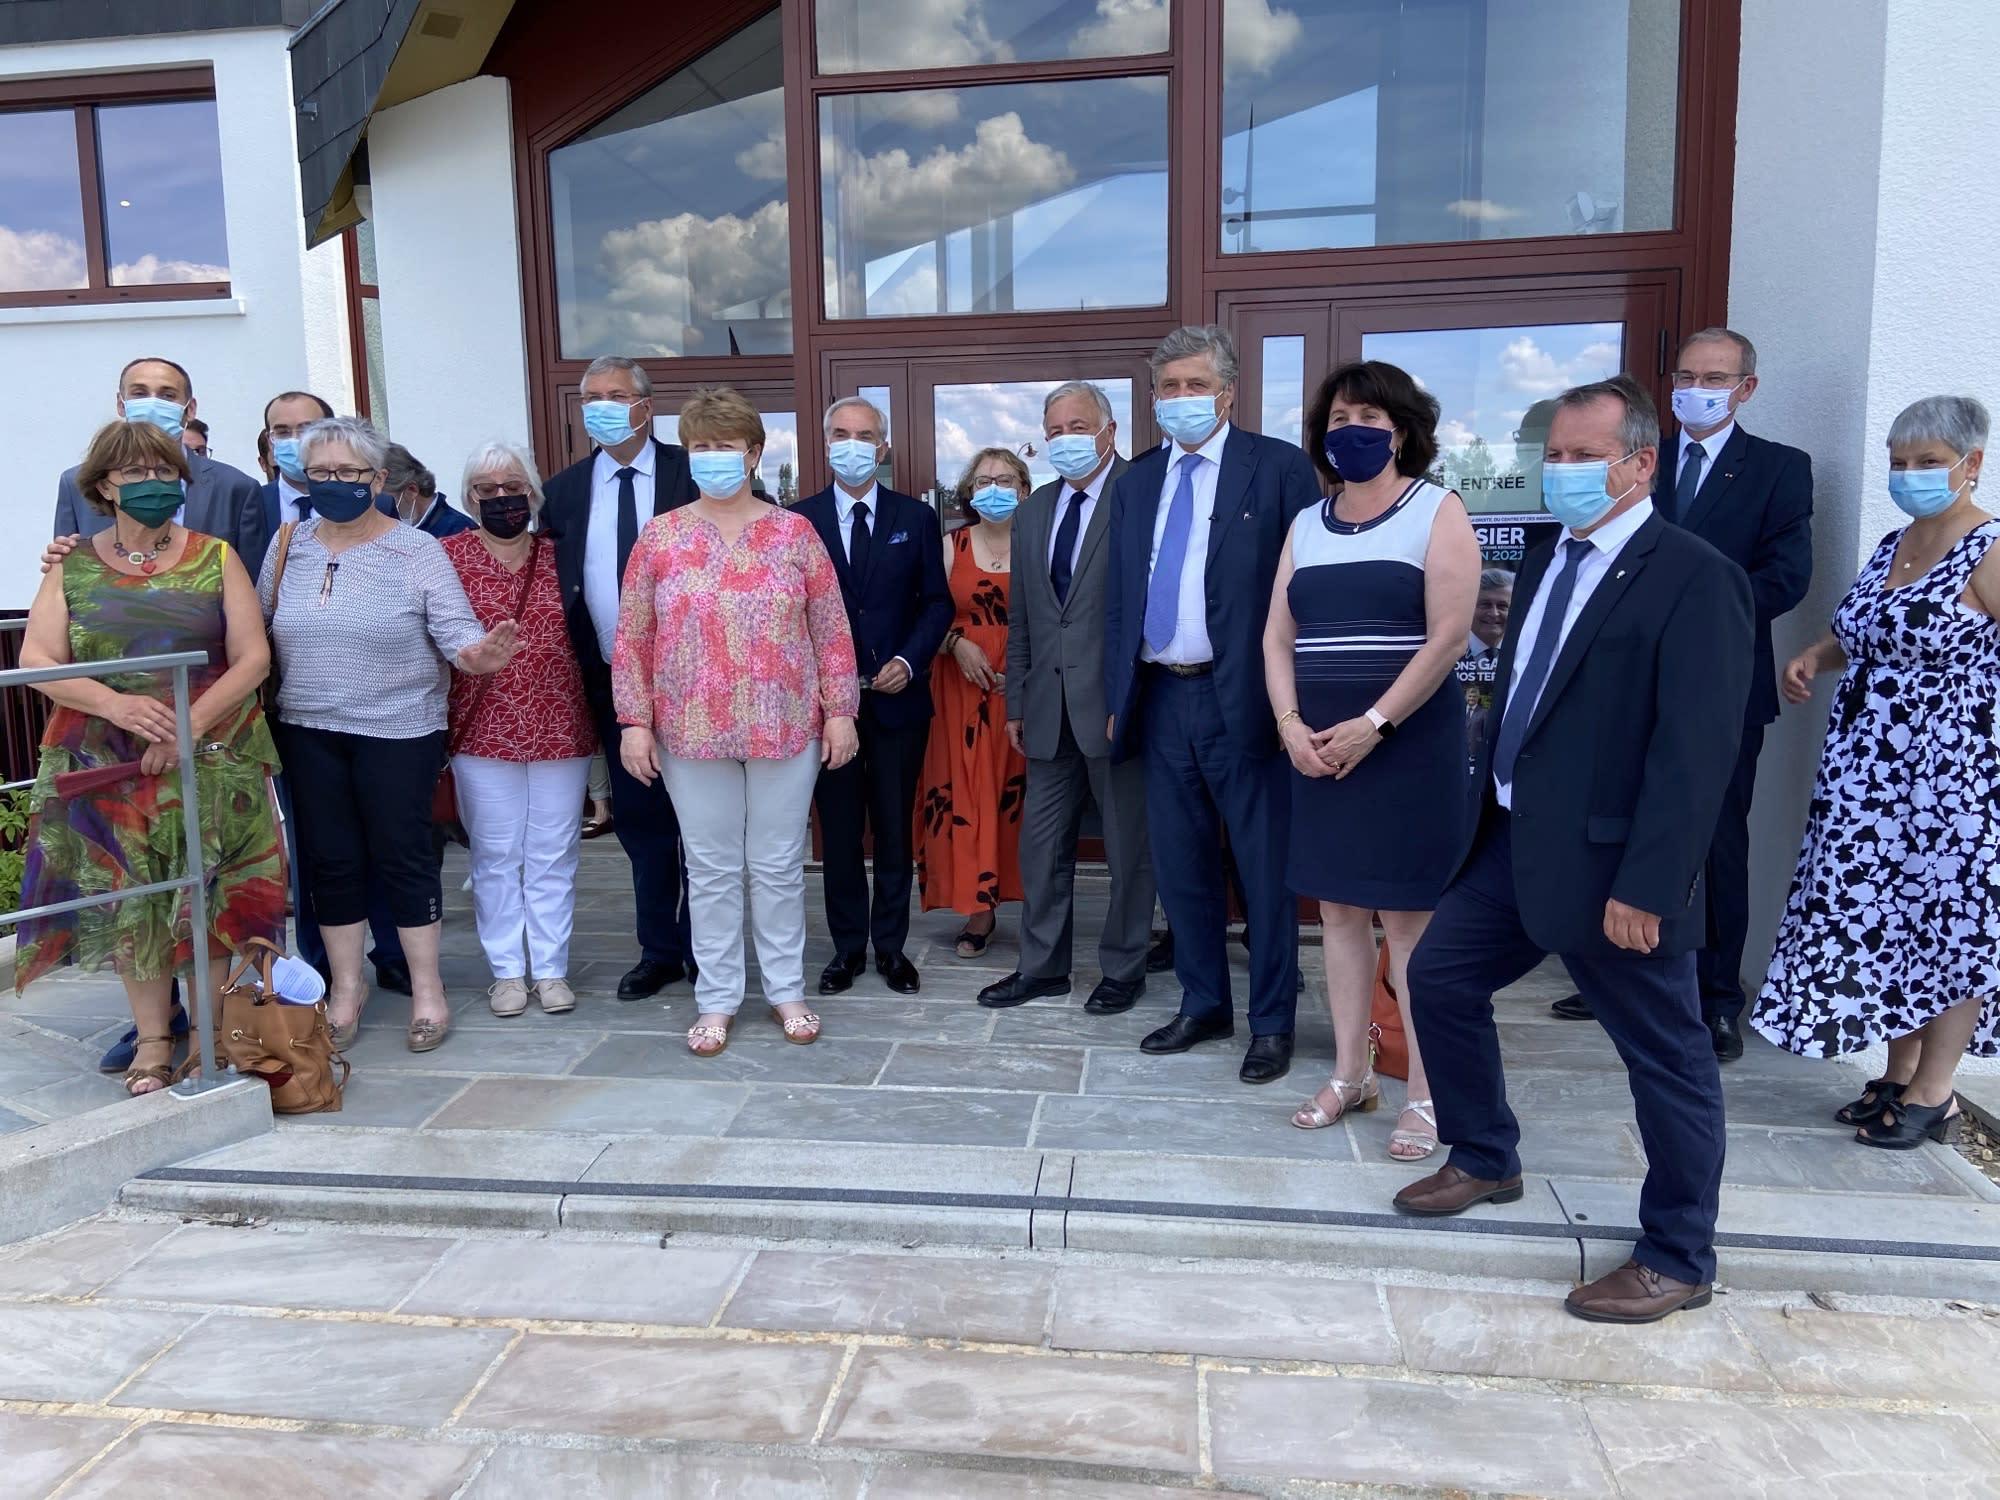 Régionales: dans le Centre-Val de Loire, Gérard Larcher en mission terrain pour les «territoires» et Les Républicains